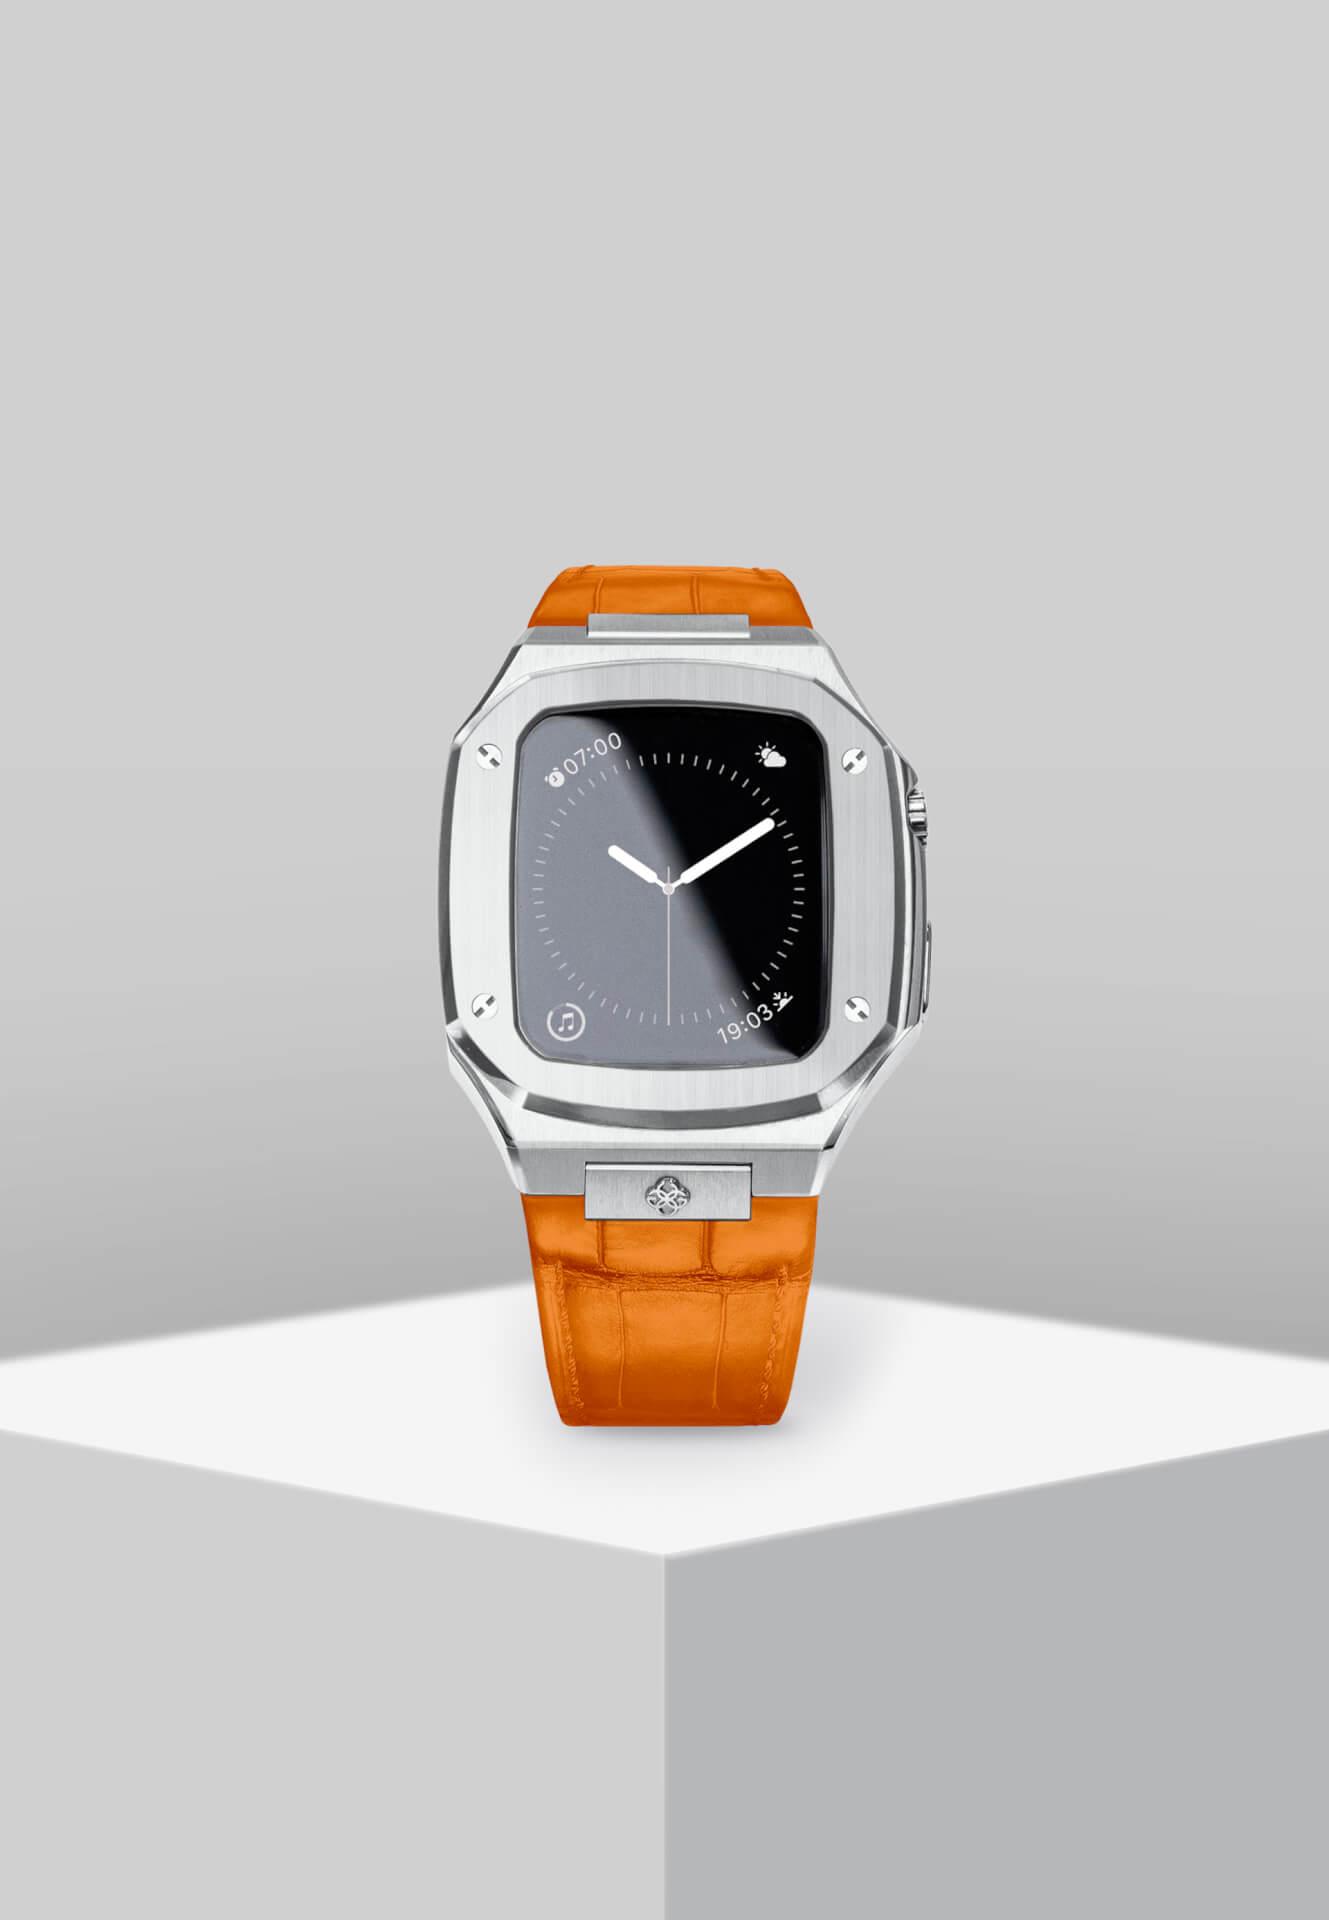 高級感漂うGOLDEN CONCEPTのApple Watchケースに待望の40mm用新コレクションが登場!ホワイト、イエローなどの新カラーがラインナップ tech201124_applewatch_case_5